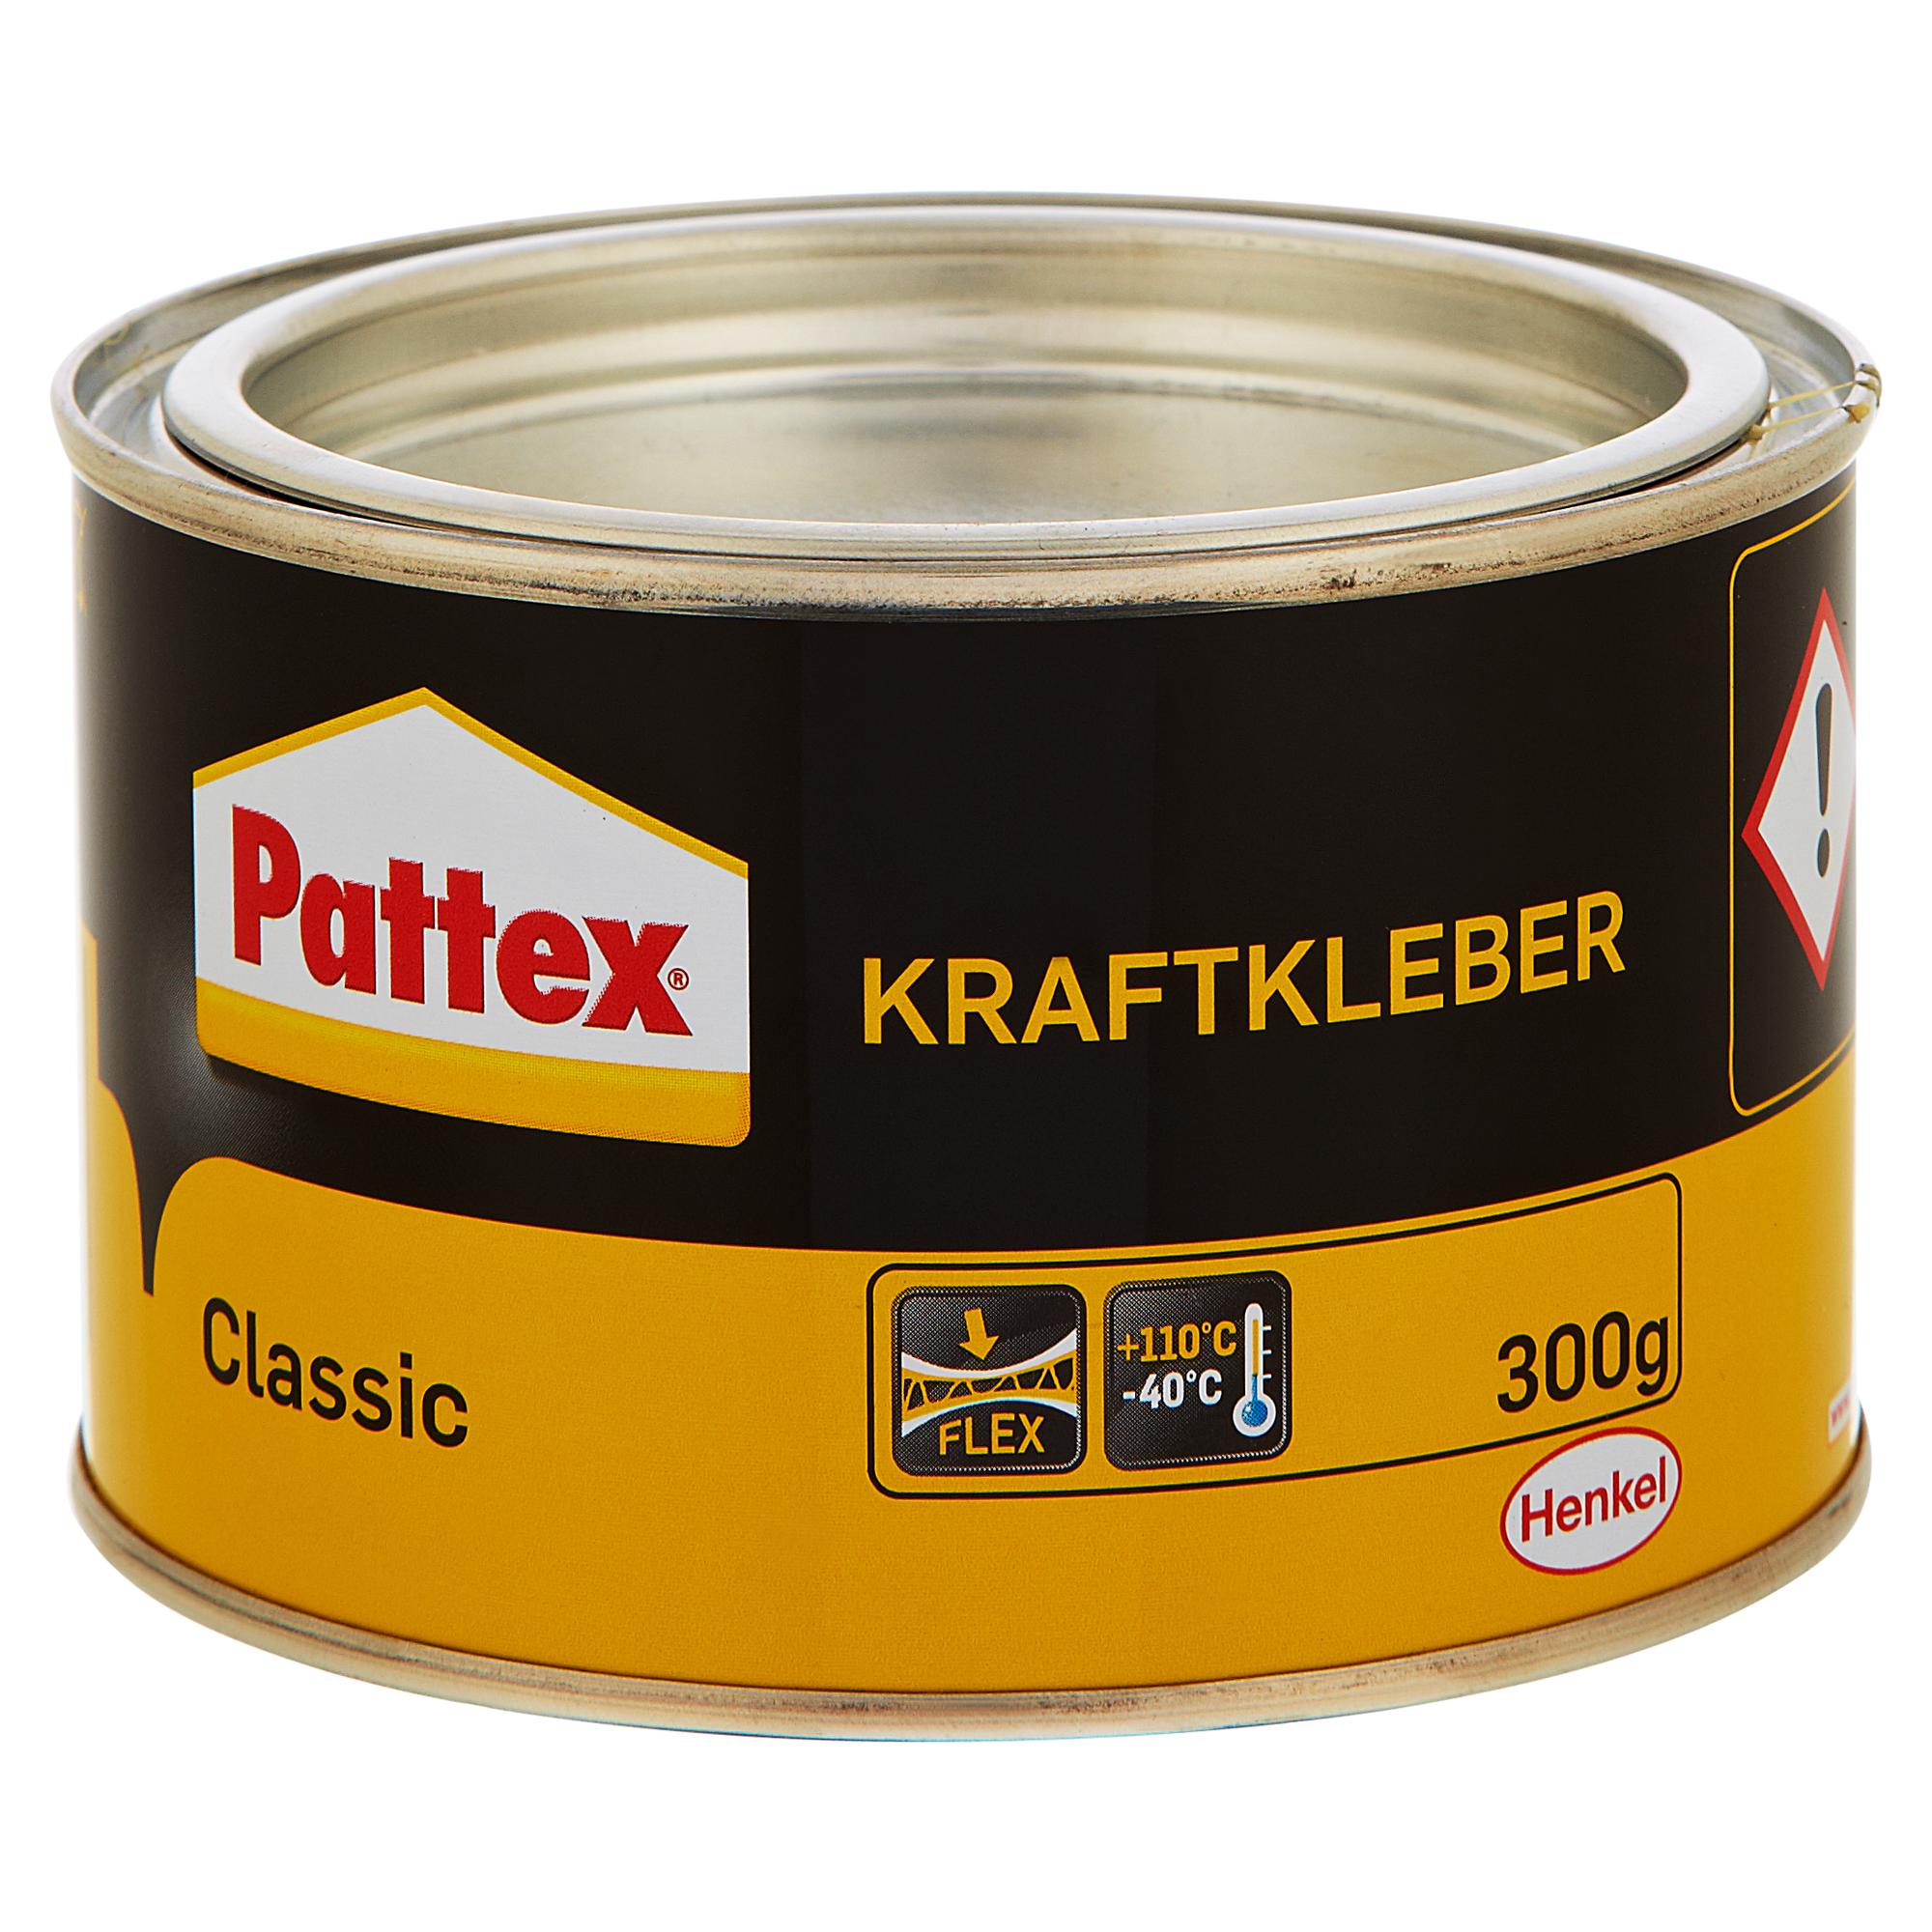 Kleber Baustoffe & Holz Pattex Kraftkleber Classic 300g Universalkleber Alleskleber